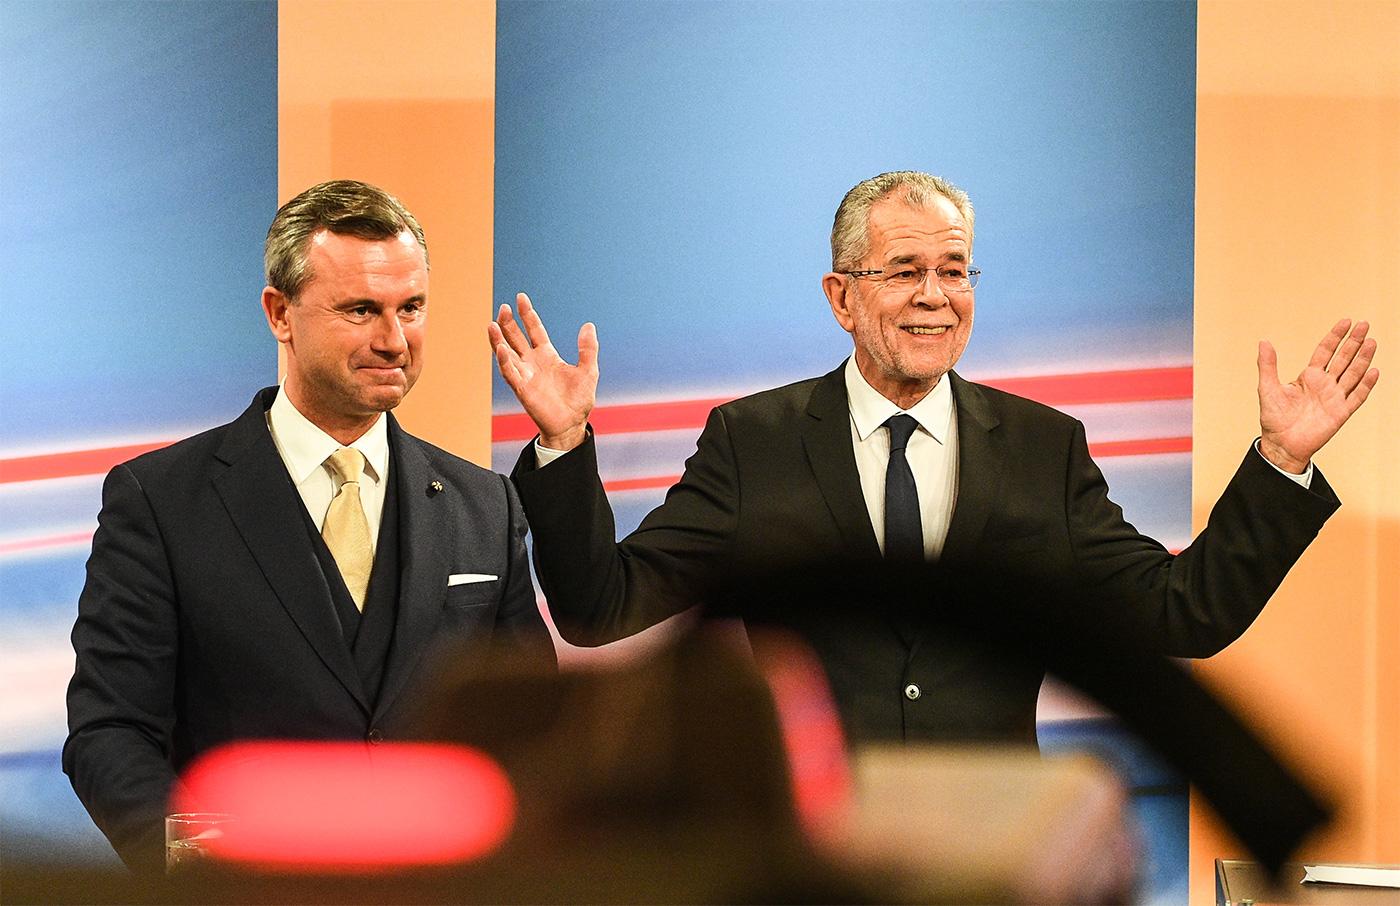 ВАвстрии официально объявили победителя президентских выборов